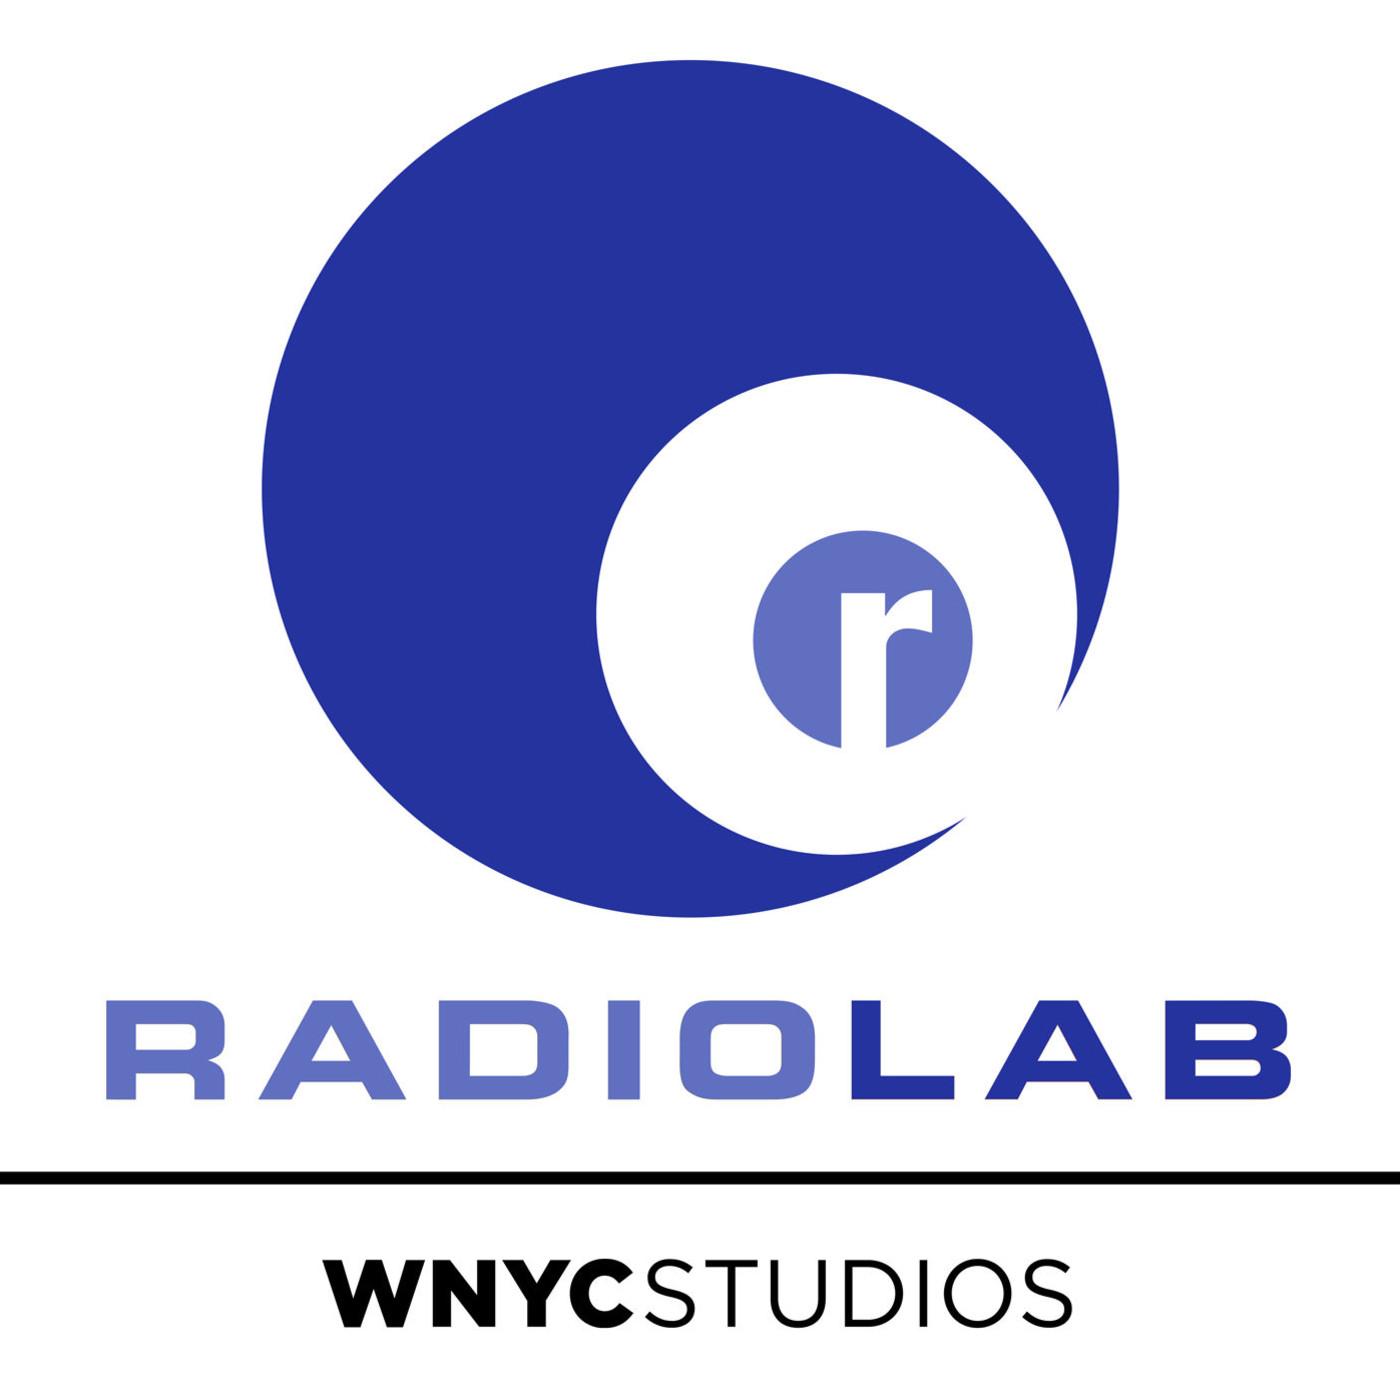 Radiolab from WNYC